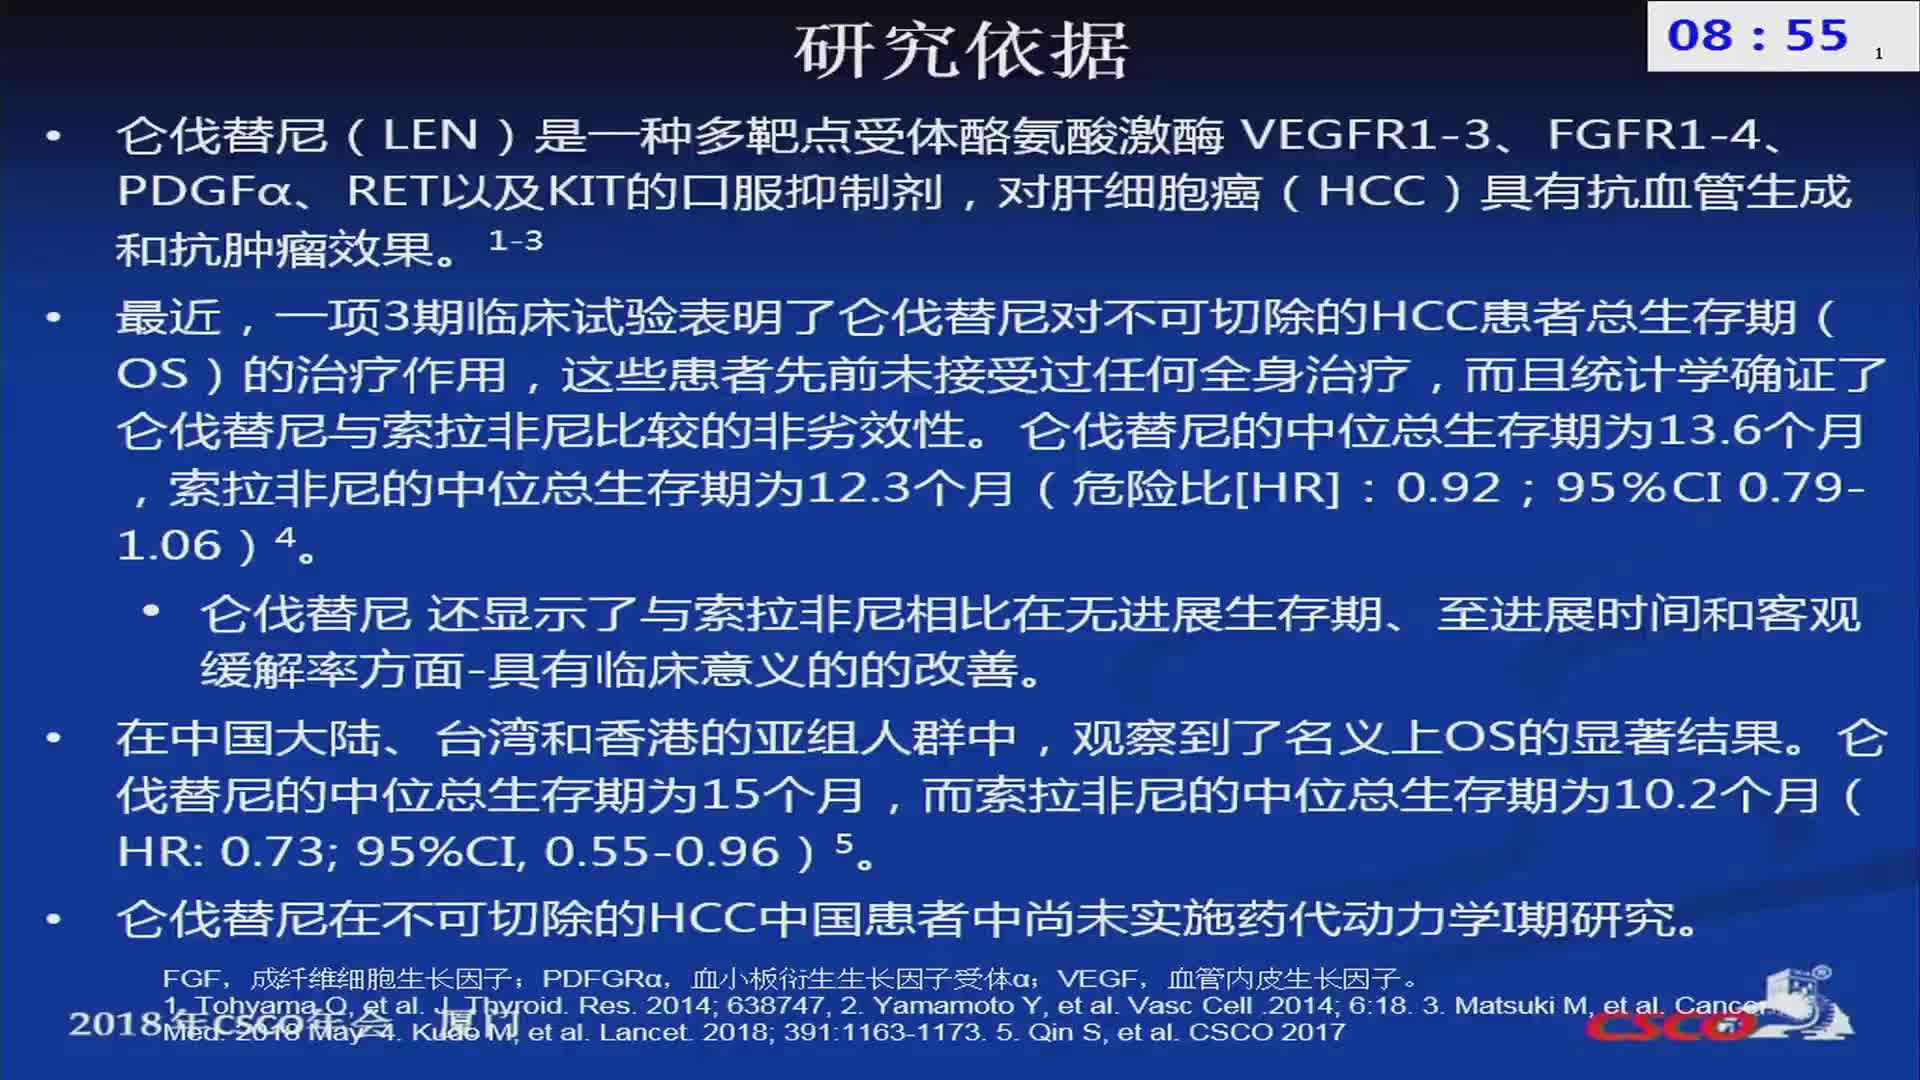 仑伐替尼在中国不可切除肝癌患者中的药代动力学研究